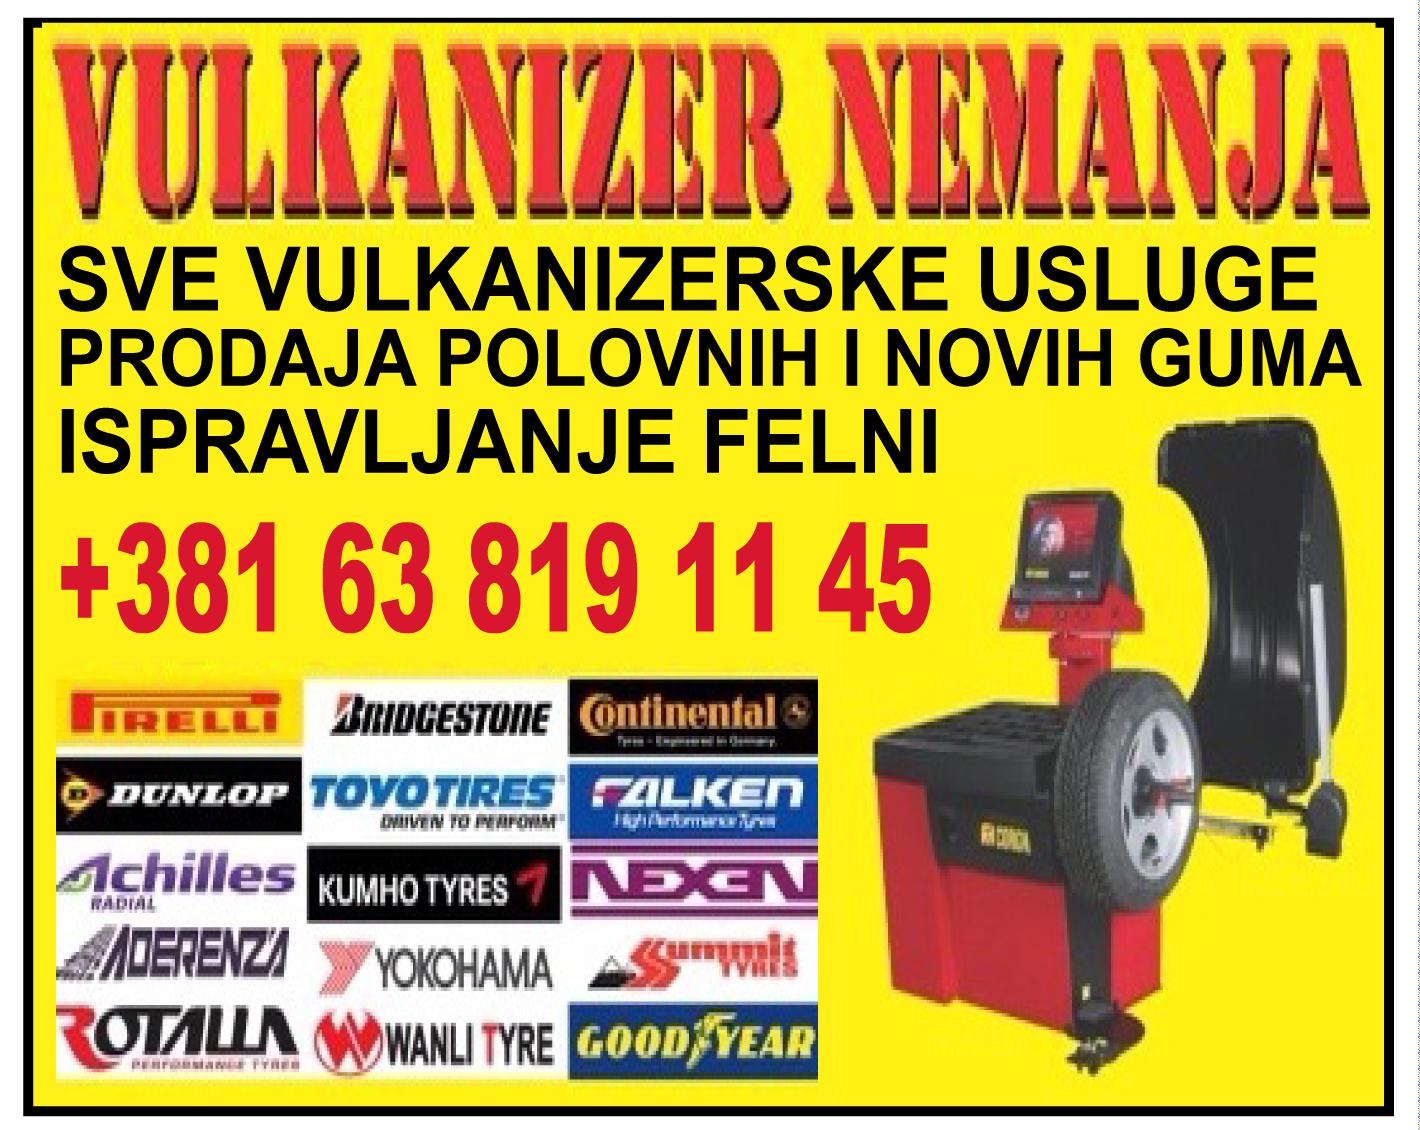 VULKANIZER-NEMANJA-surcin-zamena-gume-nove-polovne-ispravljanjefelni-auto-odrzavanje-servis-puklaguma-pomocnaputu-beograd-mojabaza